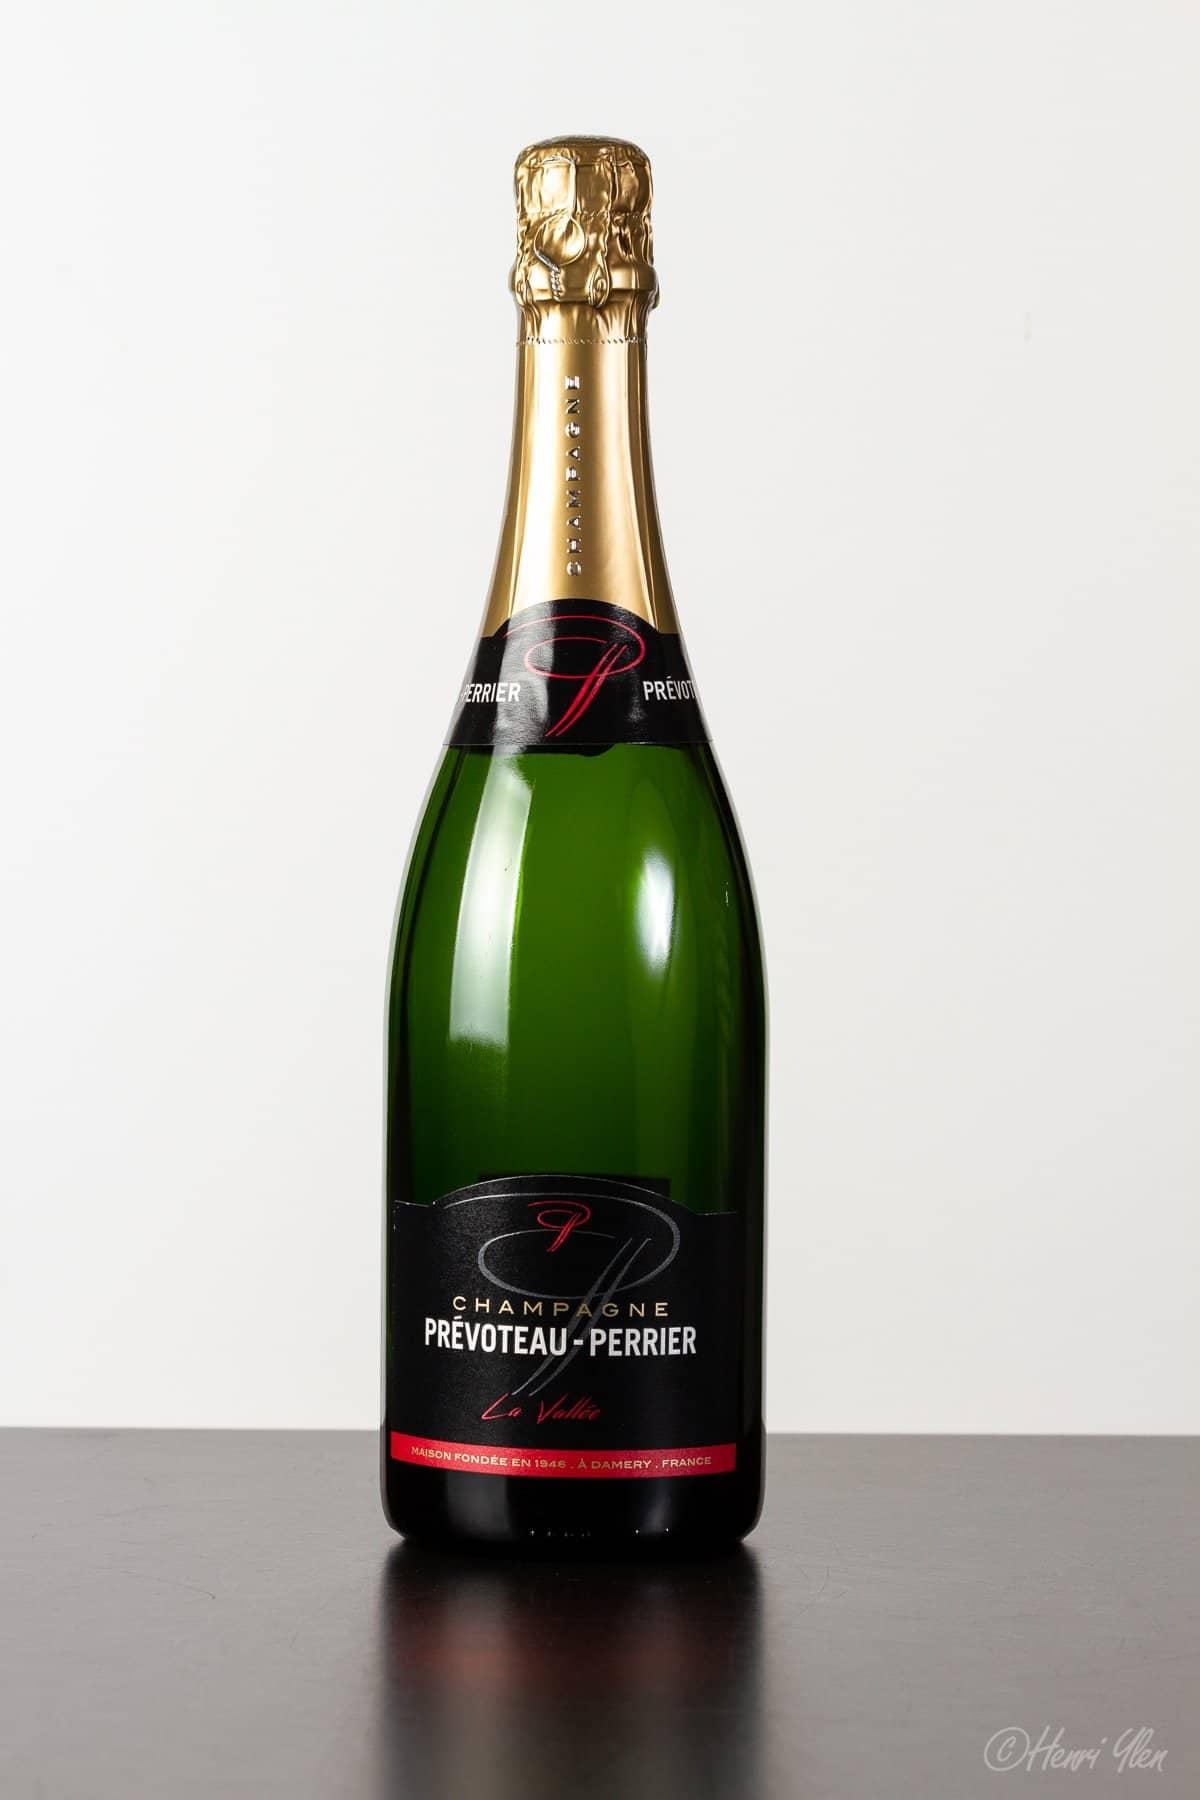 Champagne Prevoteau Perrier La Vallee